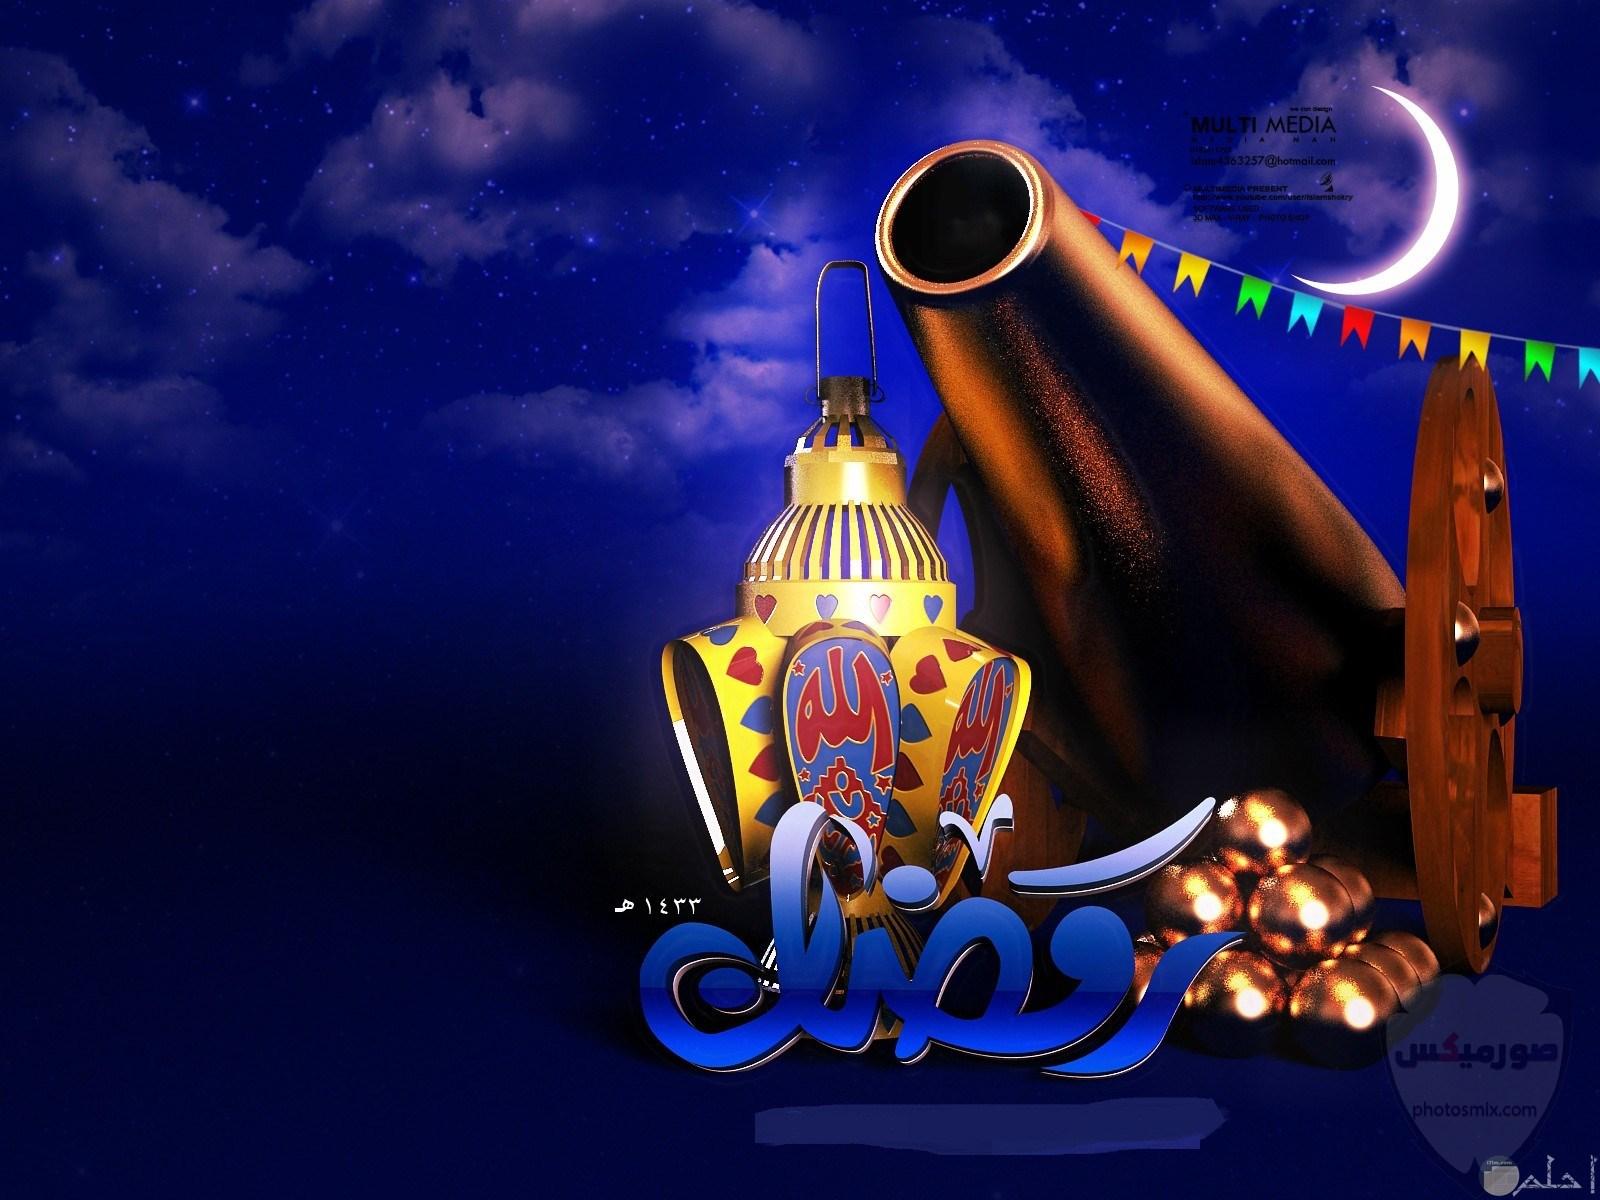 صور رمضان 2020 صور اهلا رمضان 2020 صور ادعية رمضانية 9